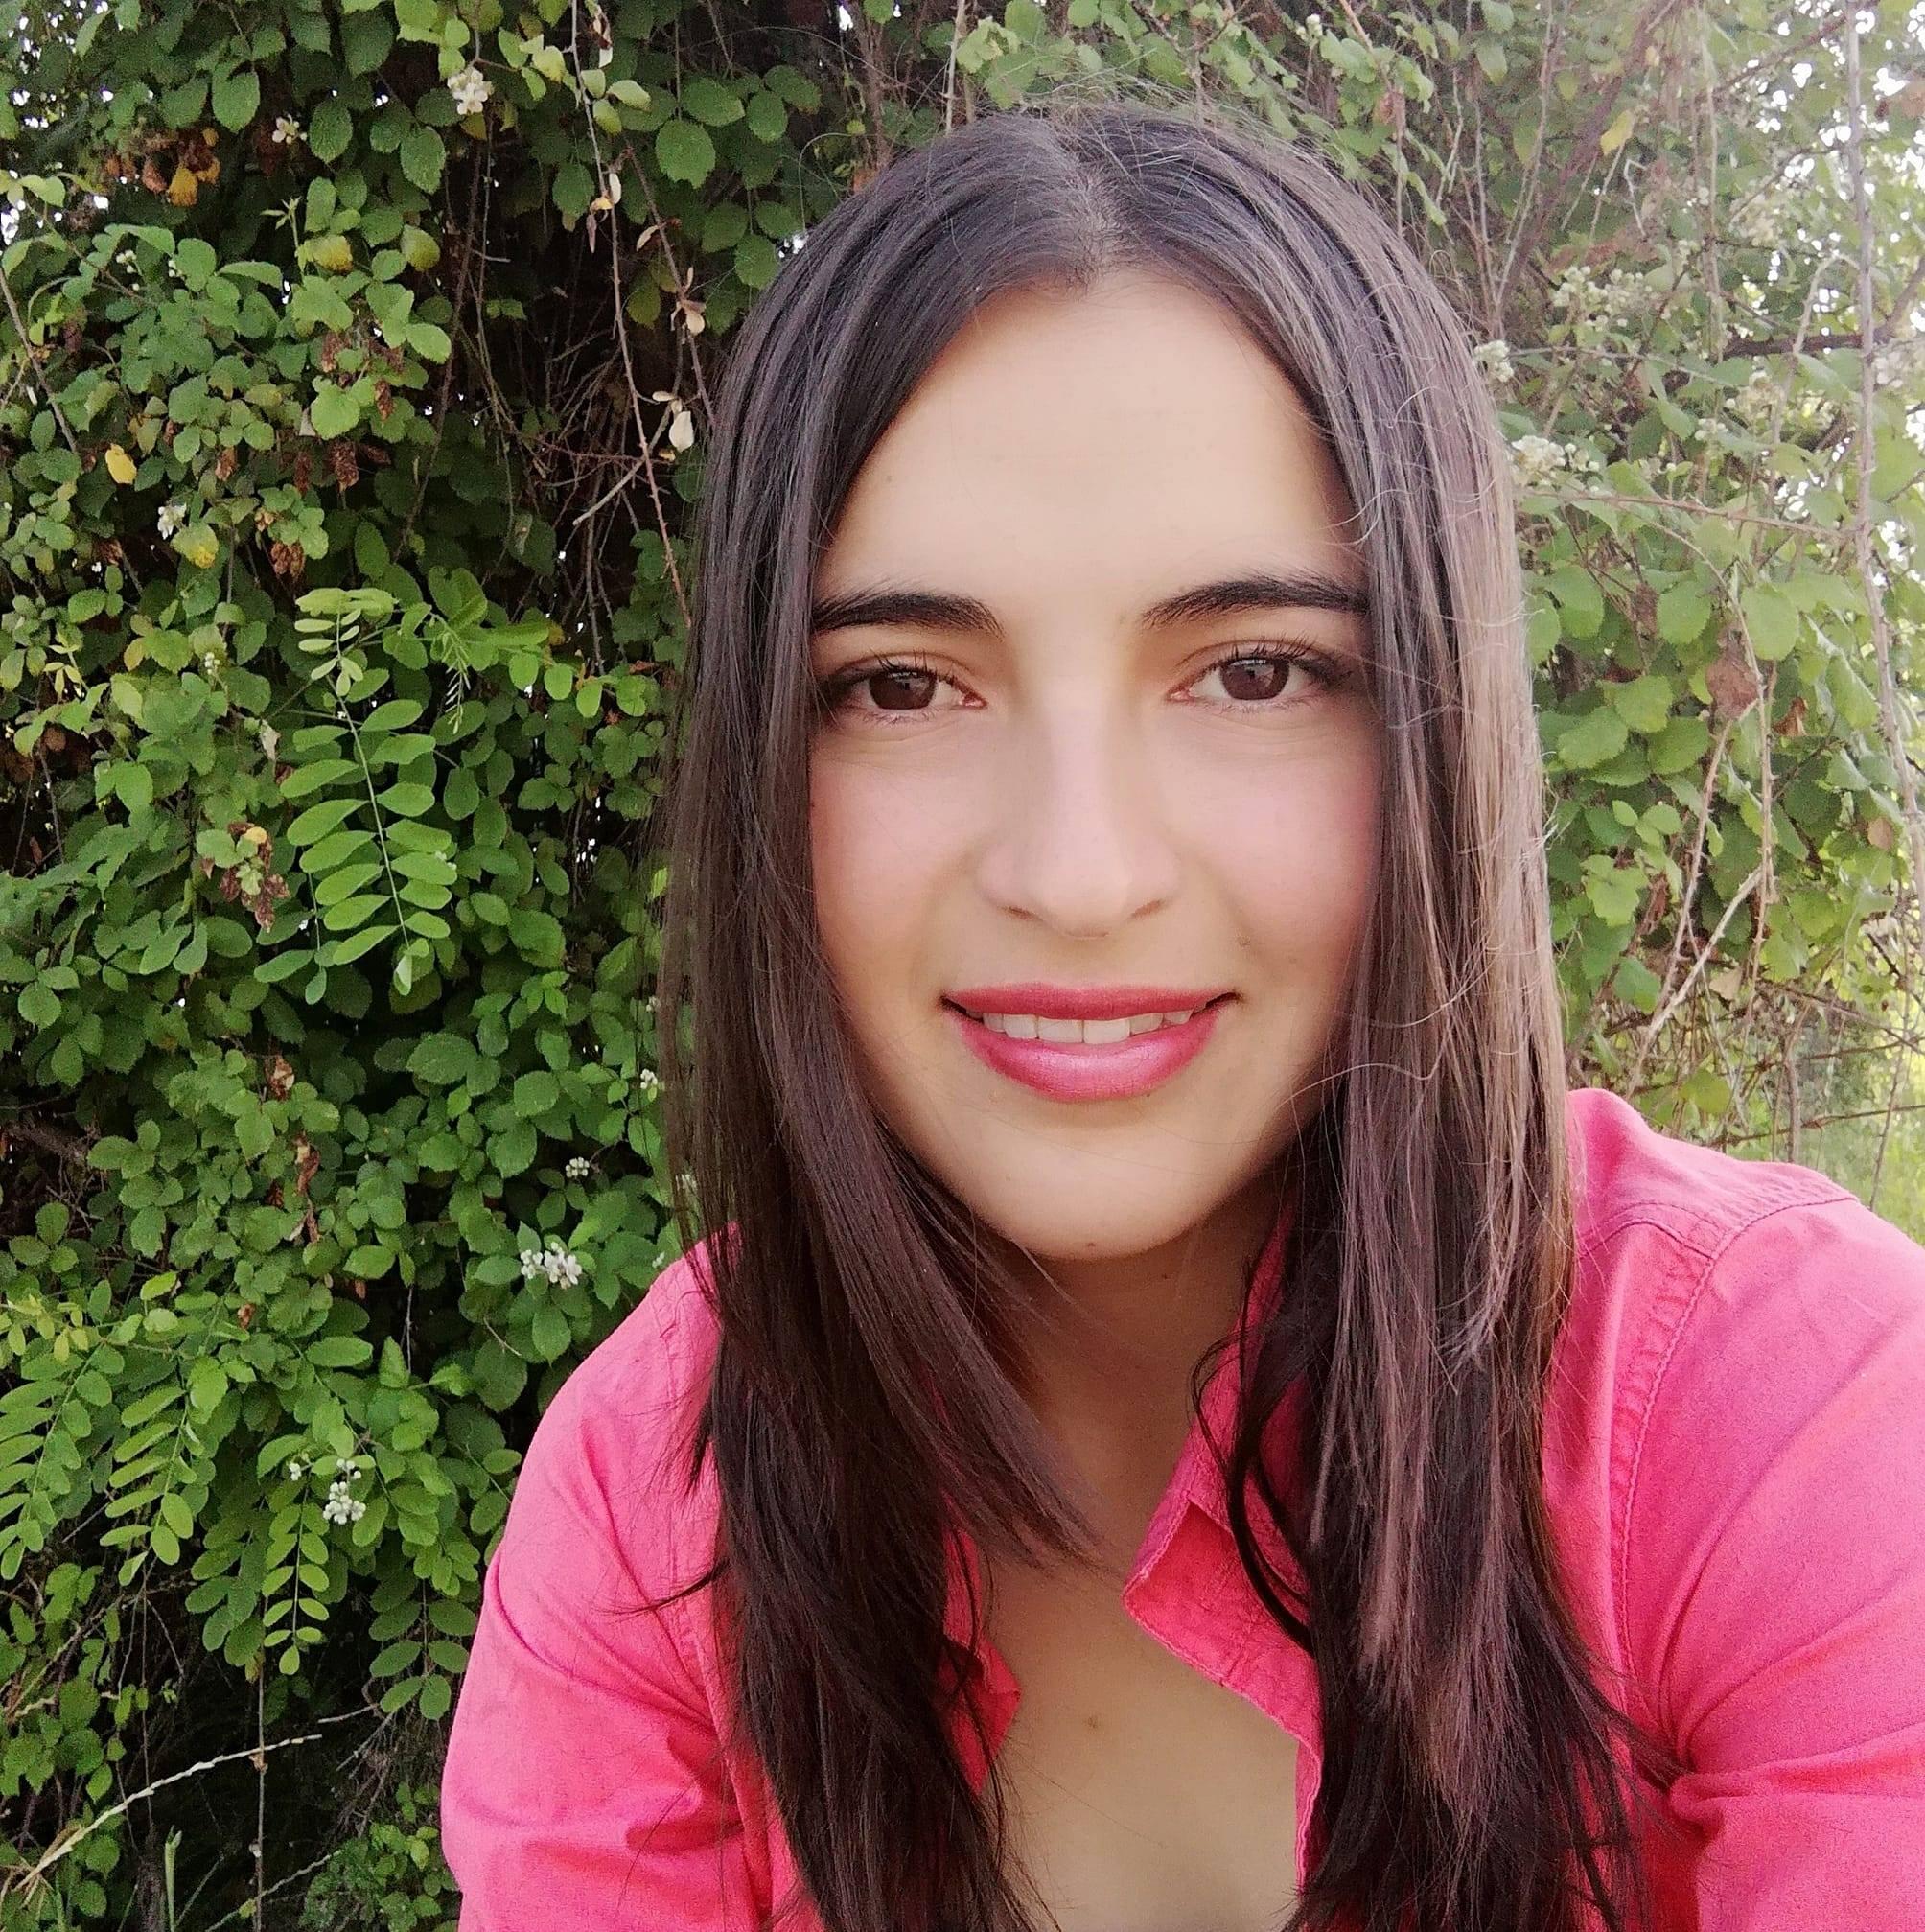 Ana María  Bravo Pino